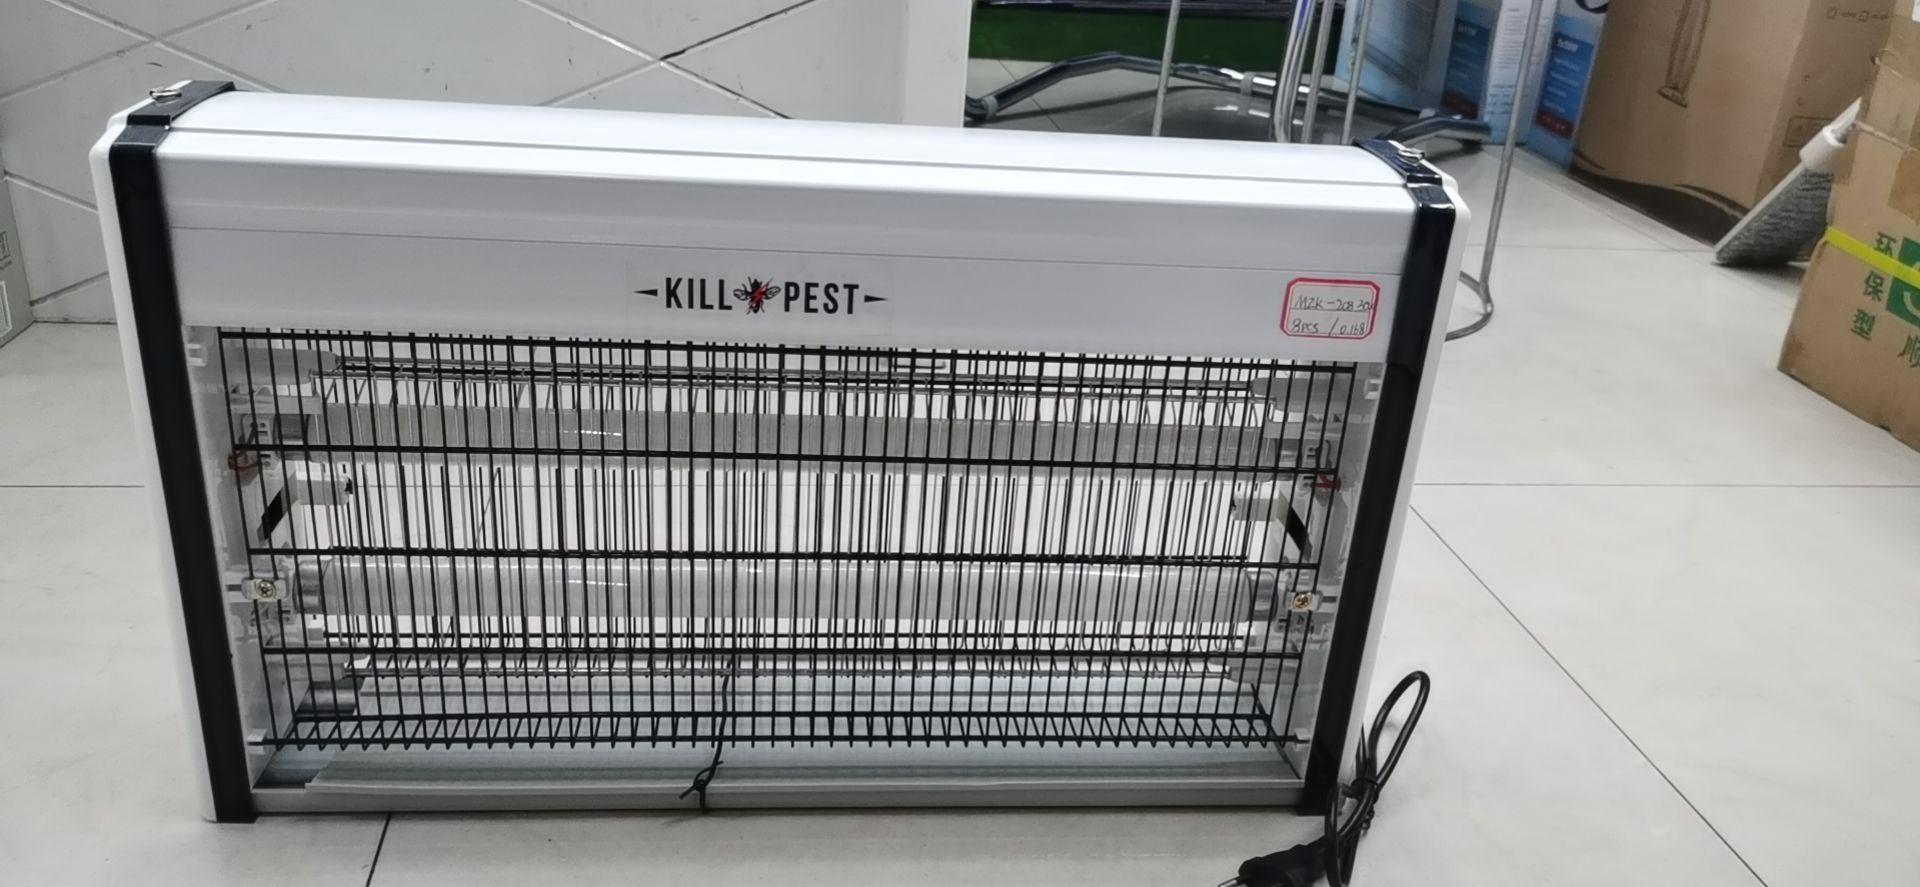 灭蚊灯家用灭蝇灯餐厅商用灭蚊器灭苍蝇灯神器电蚊捕蚊器